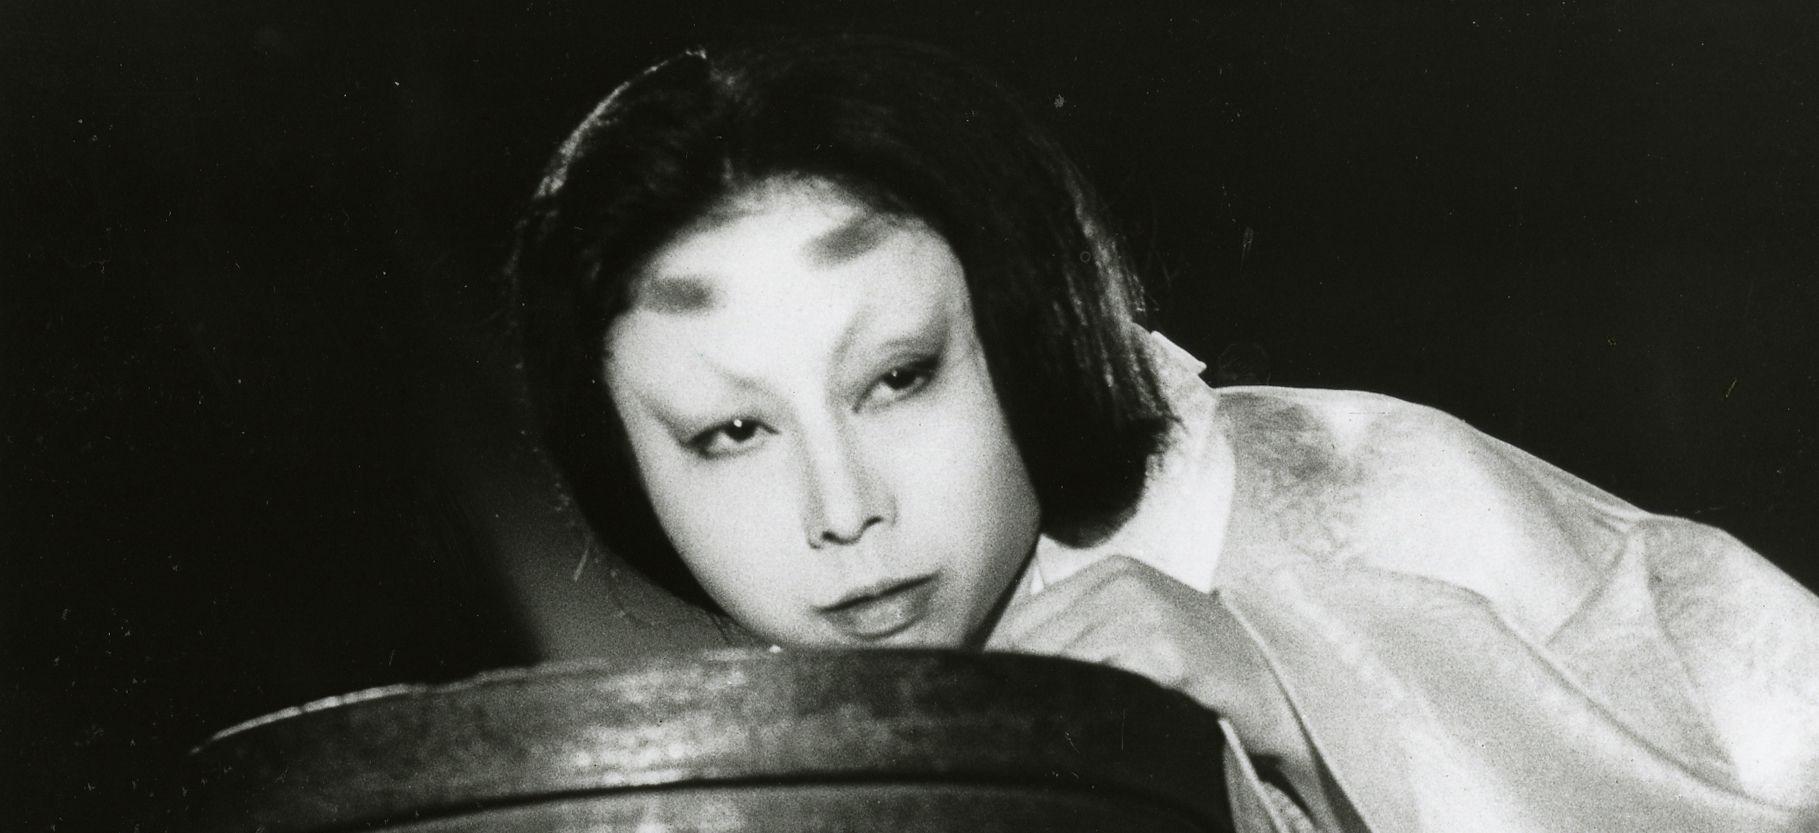 An image from Kuroneko